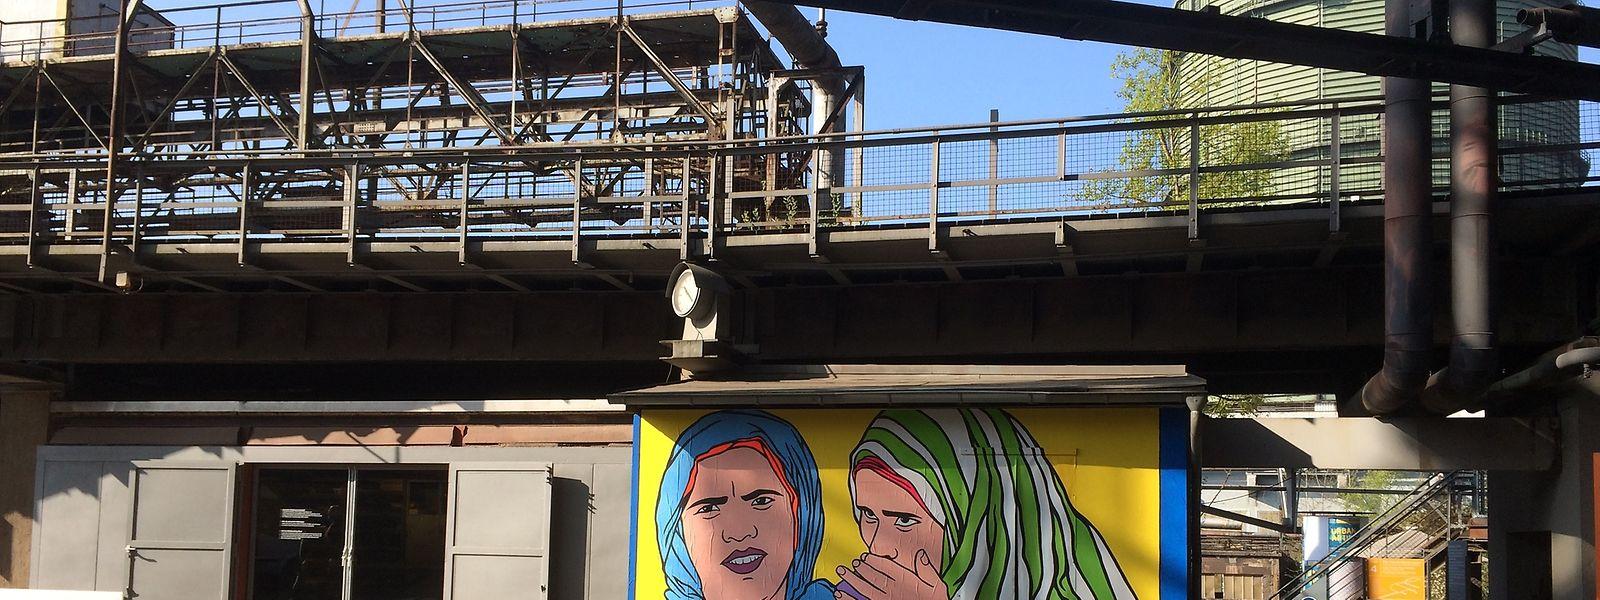 """Politisch, kontrastreich, farbstark: Einmal mehr erobert die """"Urban Art"""" die einstige Völklinger Hütte."""